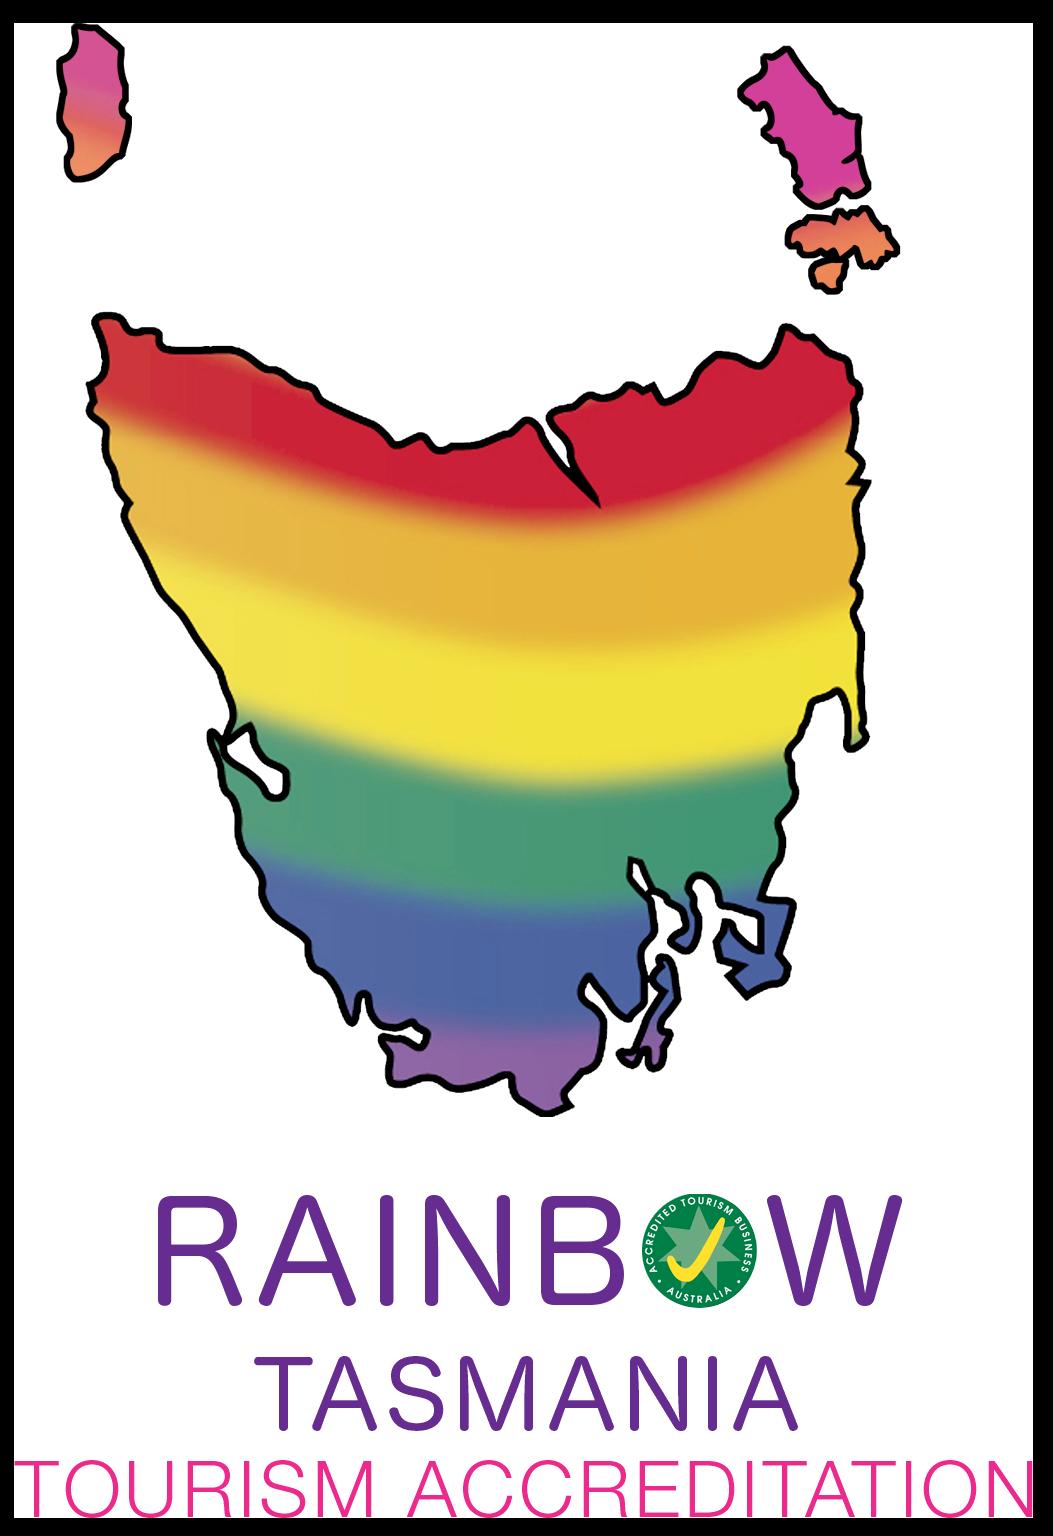 Rainbow_Tasmania_Tourism_Logo.png